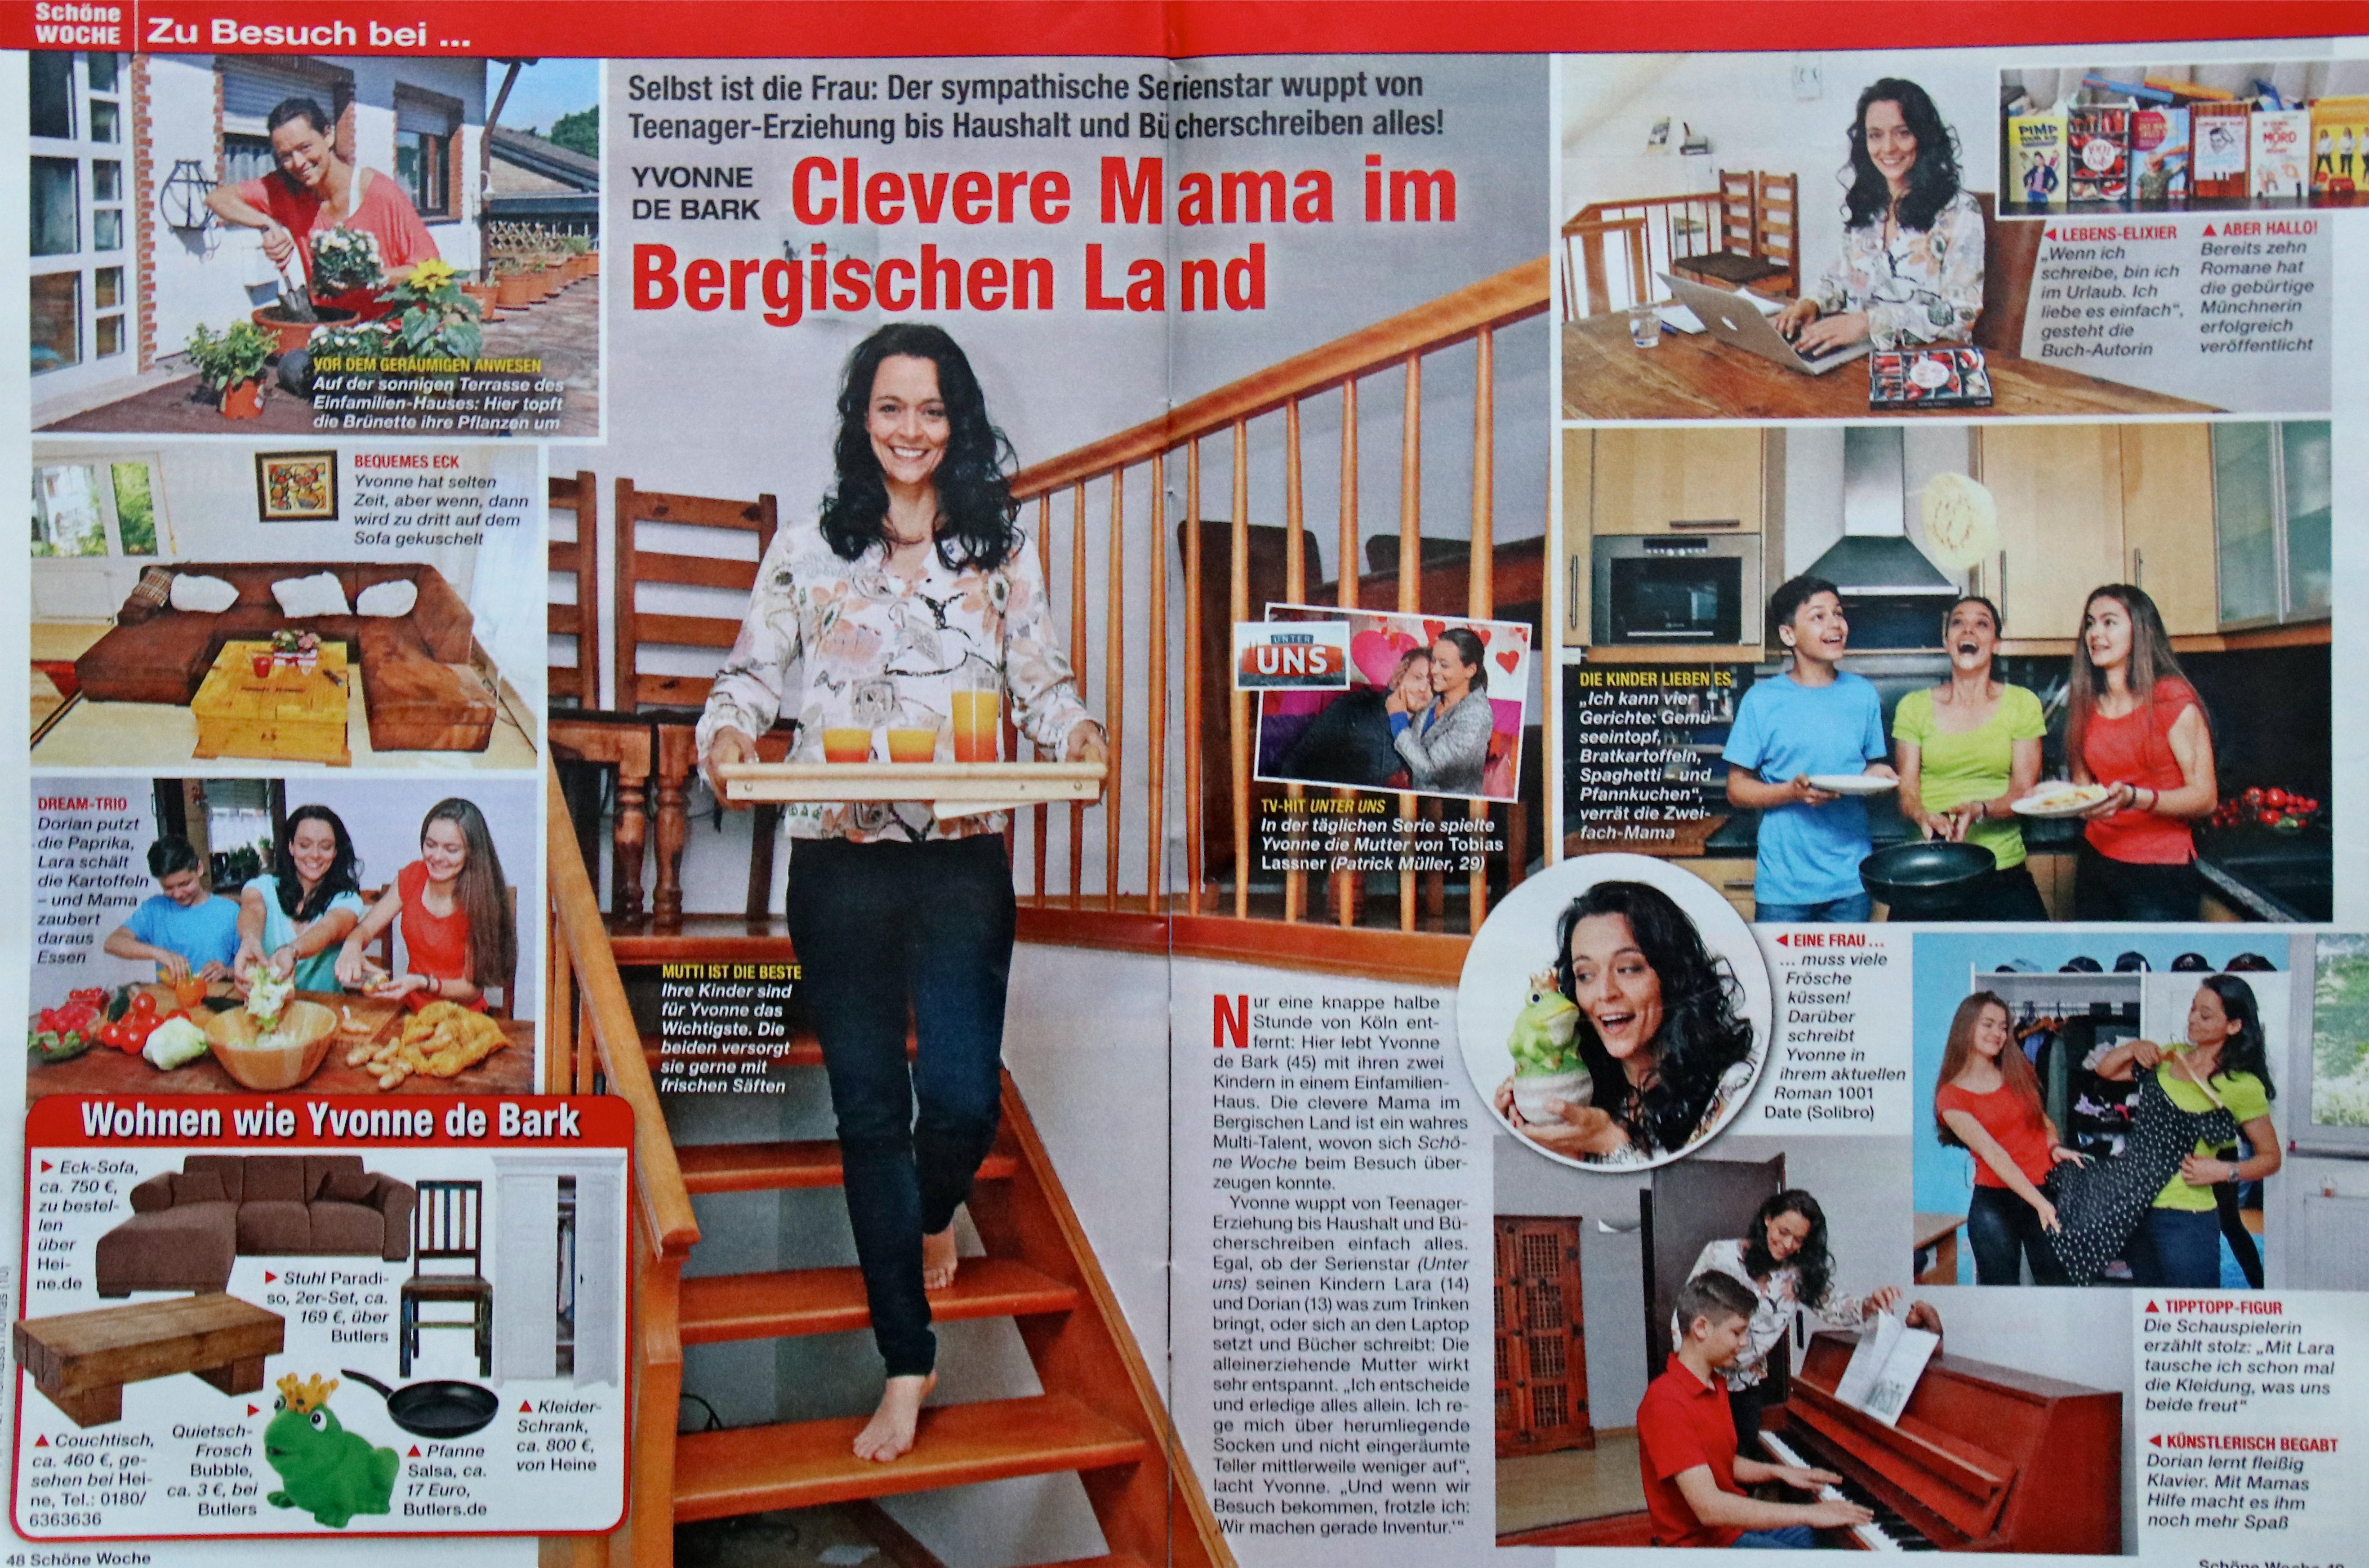 Clevere Mama im Bergischen Land Bericht in der Schönen Woche über Yvonne de Barke